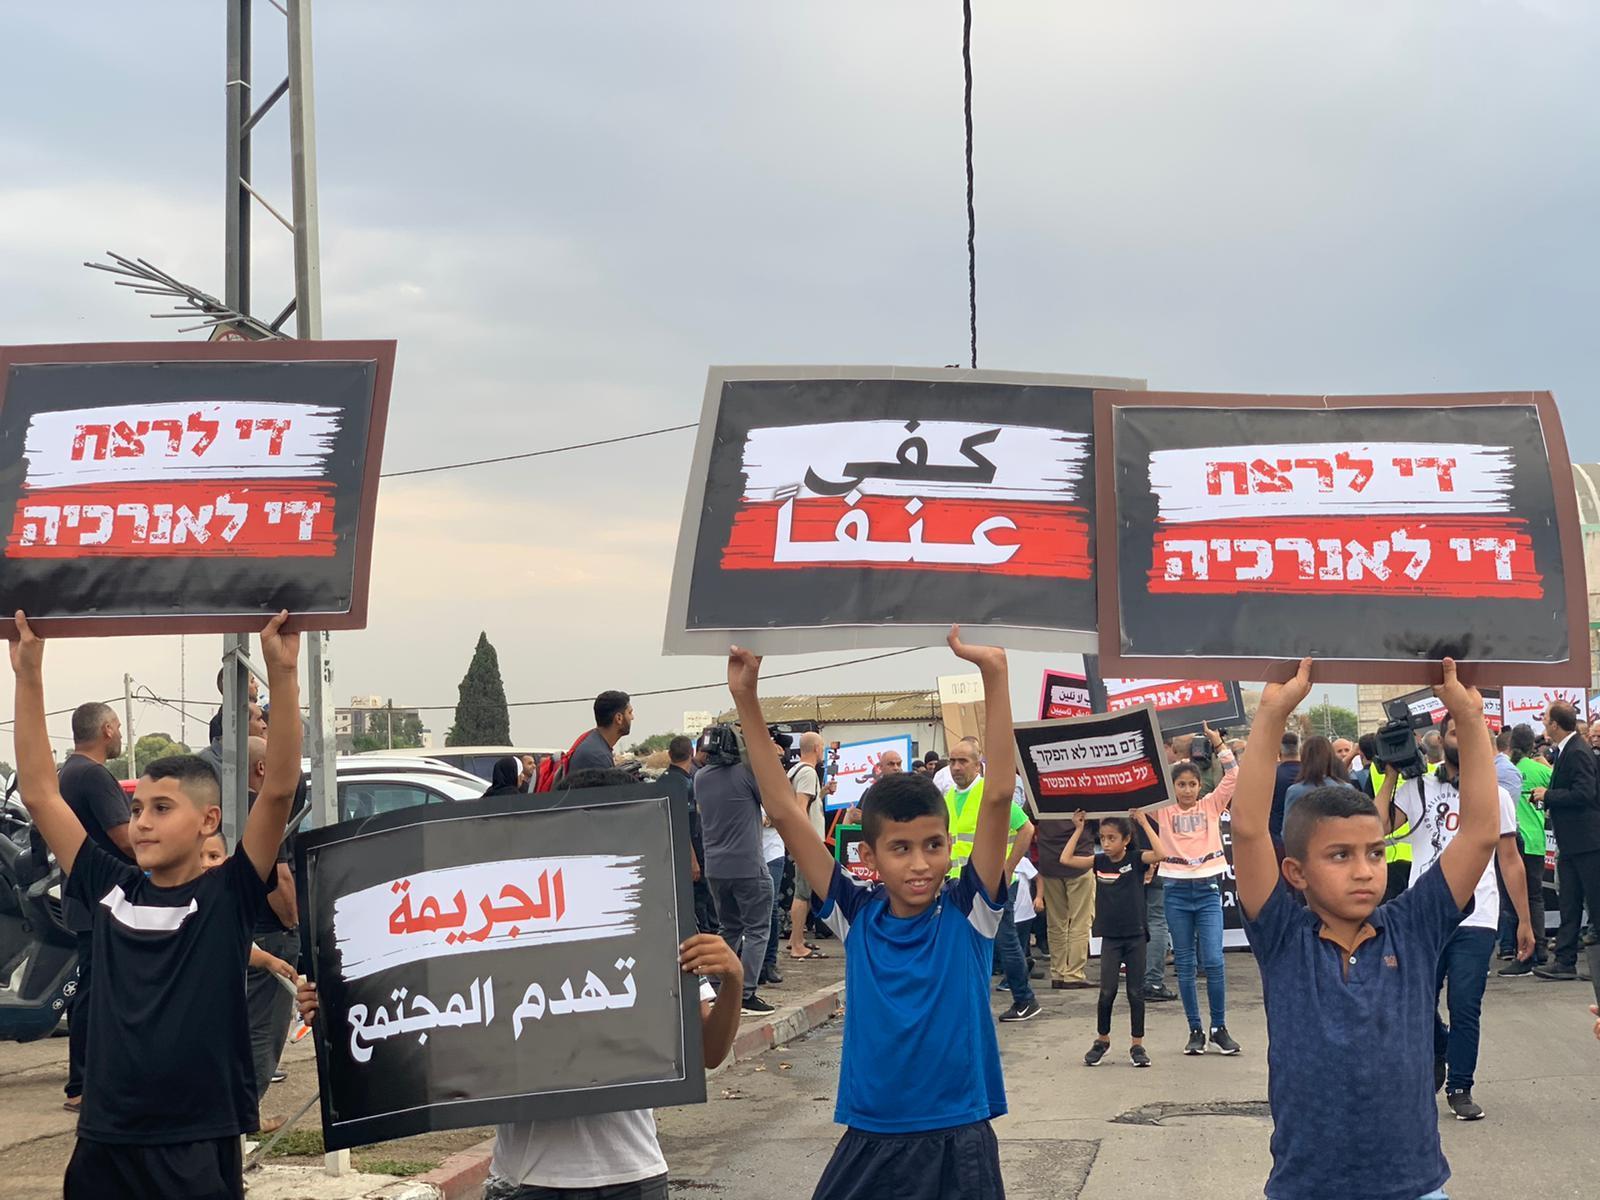 الرملة: مظاهرة رفضا للجريمة واحتجاجا على تواطؤ الشرطة